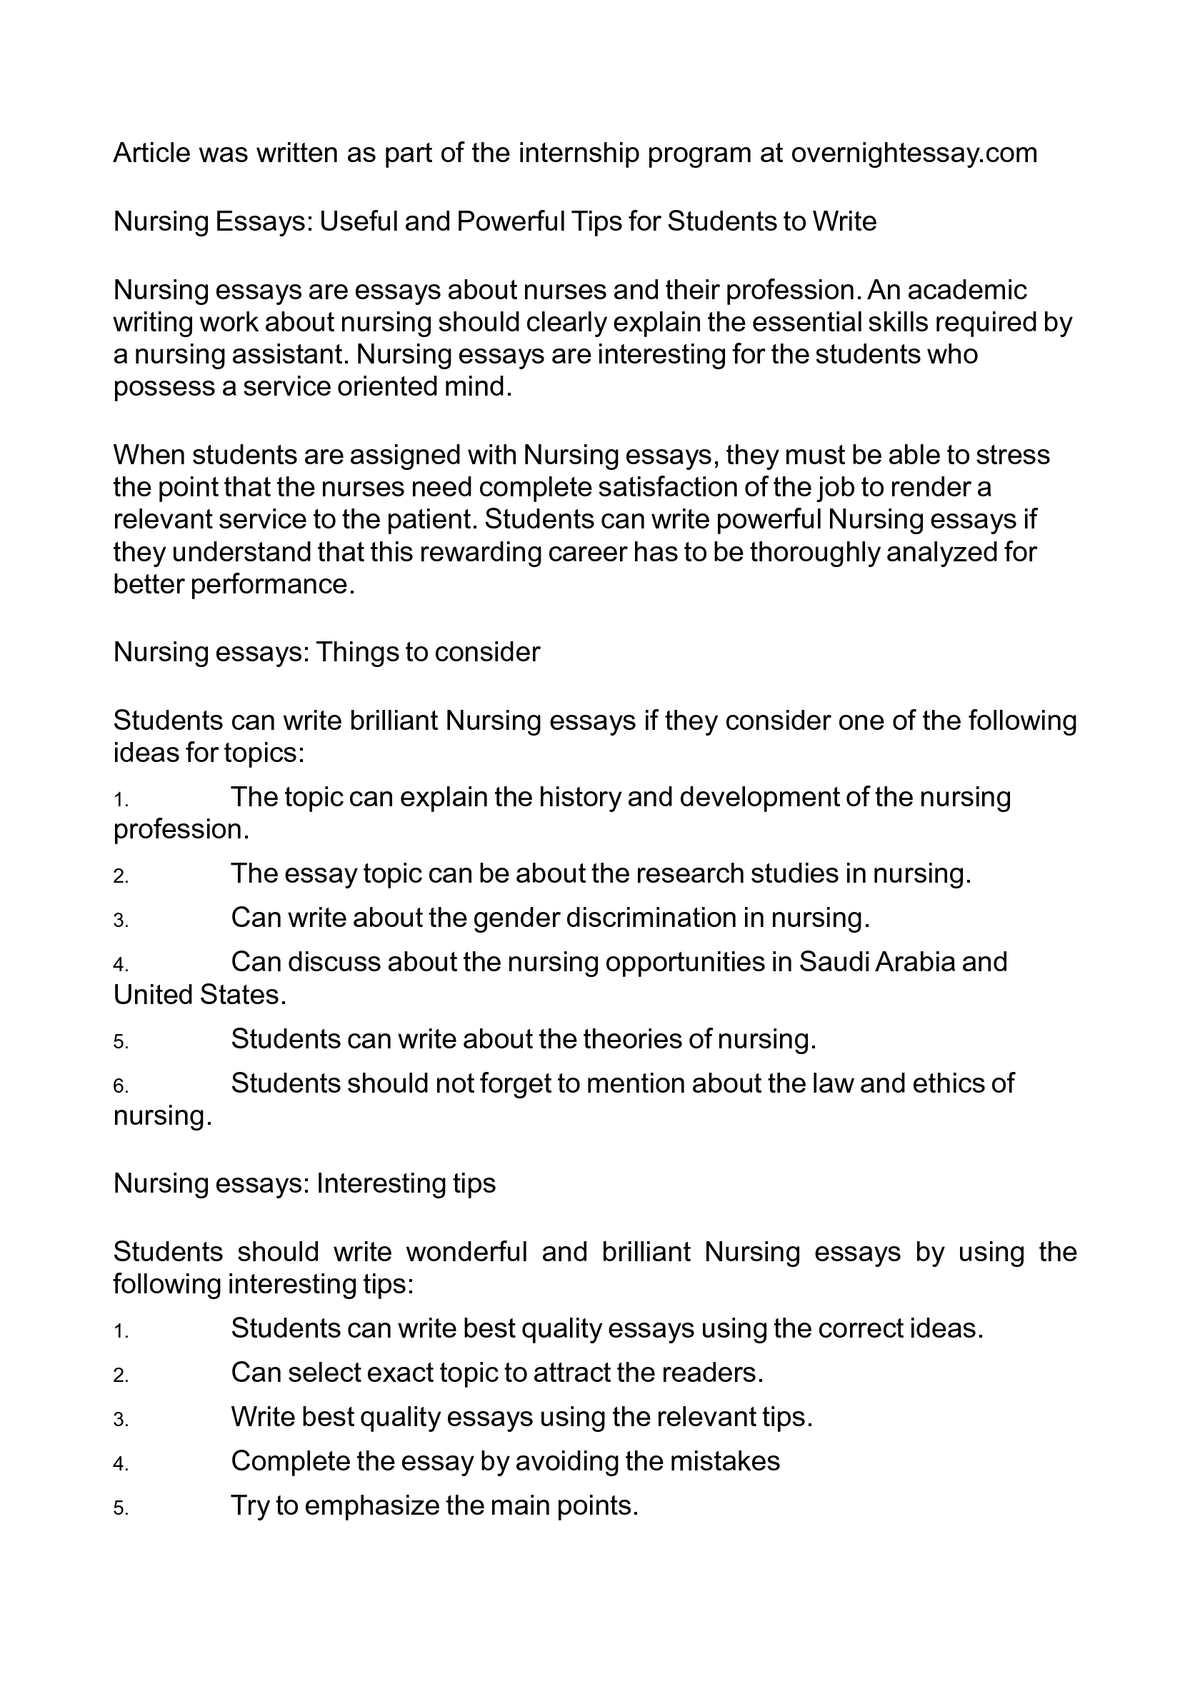 009 P1 Essay On Nursing Career Imposing Profession In Nigeria Professionalism Full